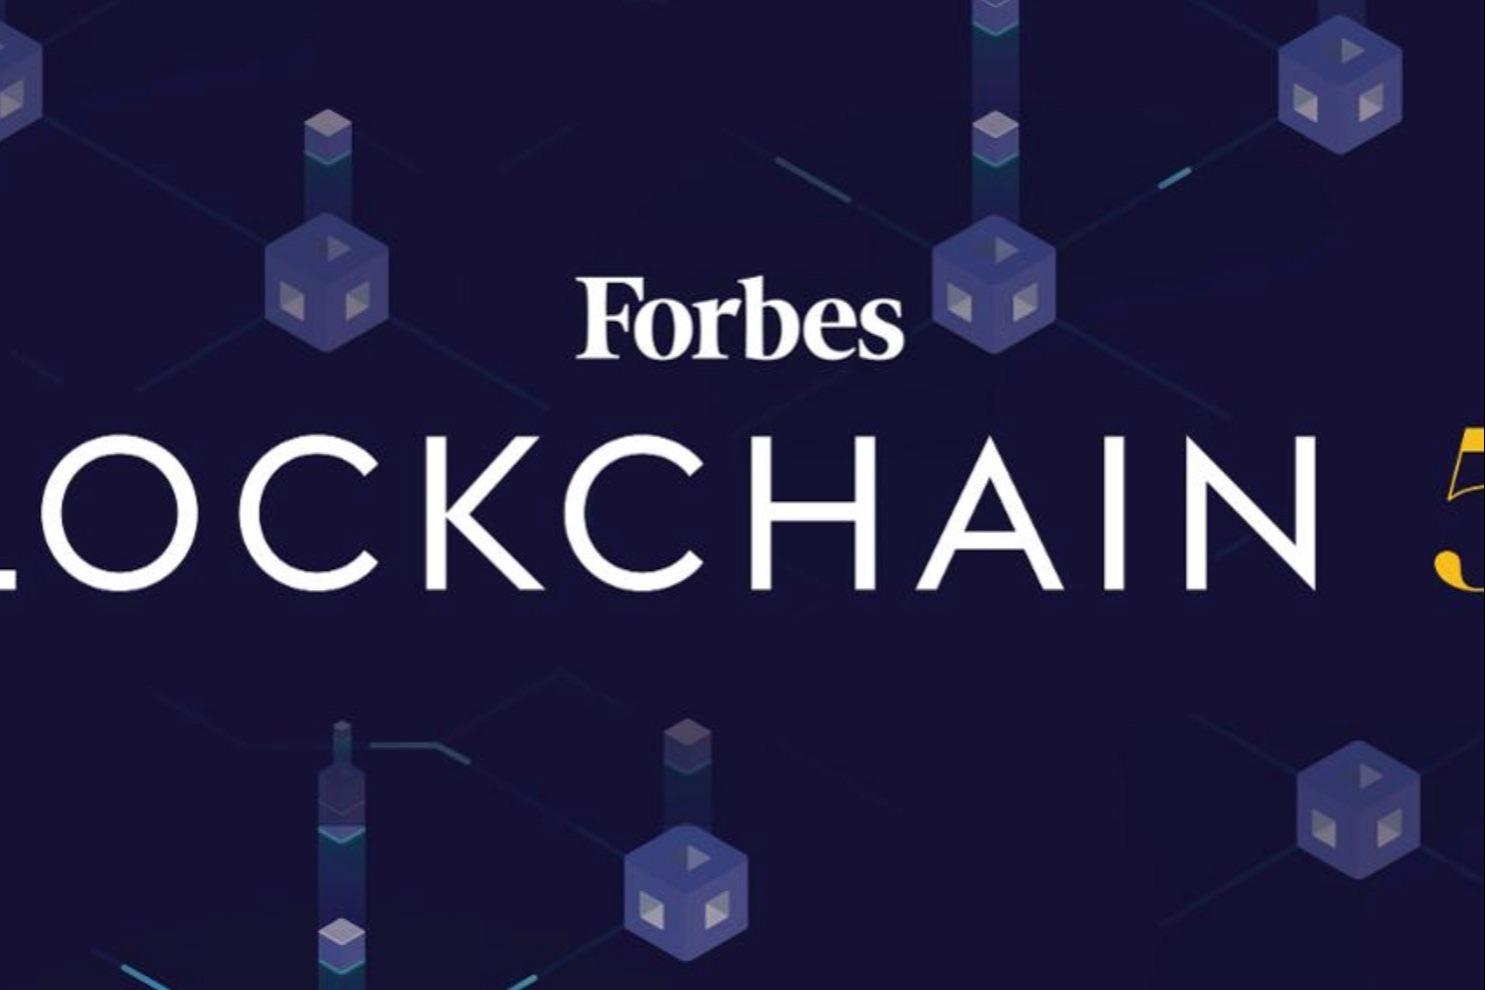 趣链科技、福布斯、建设银行、区块链、区块链50强、趣链科技、趣链、Hyperchain